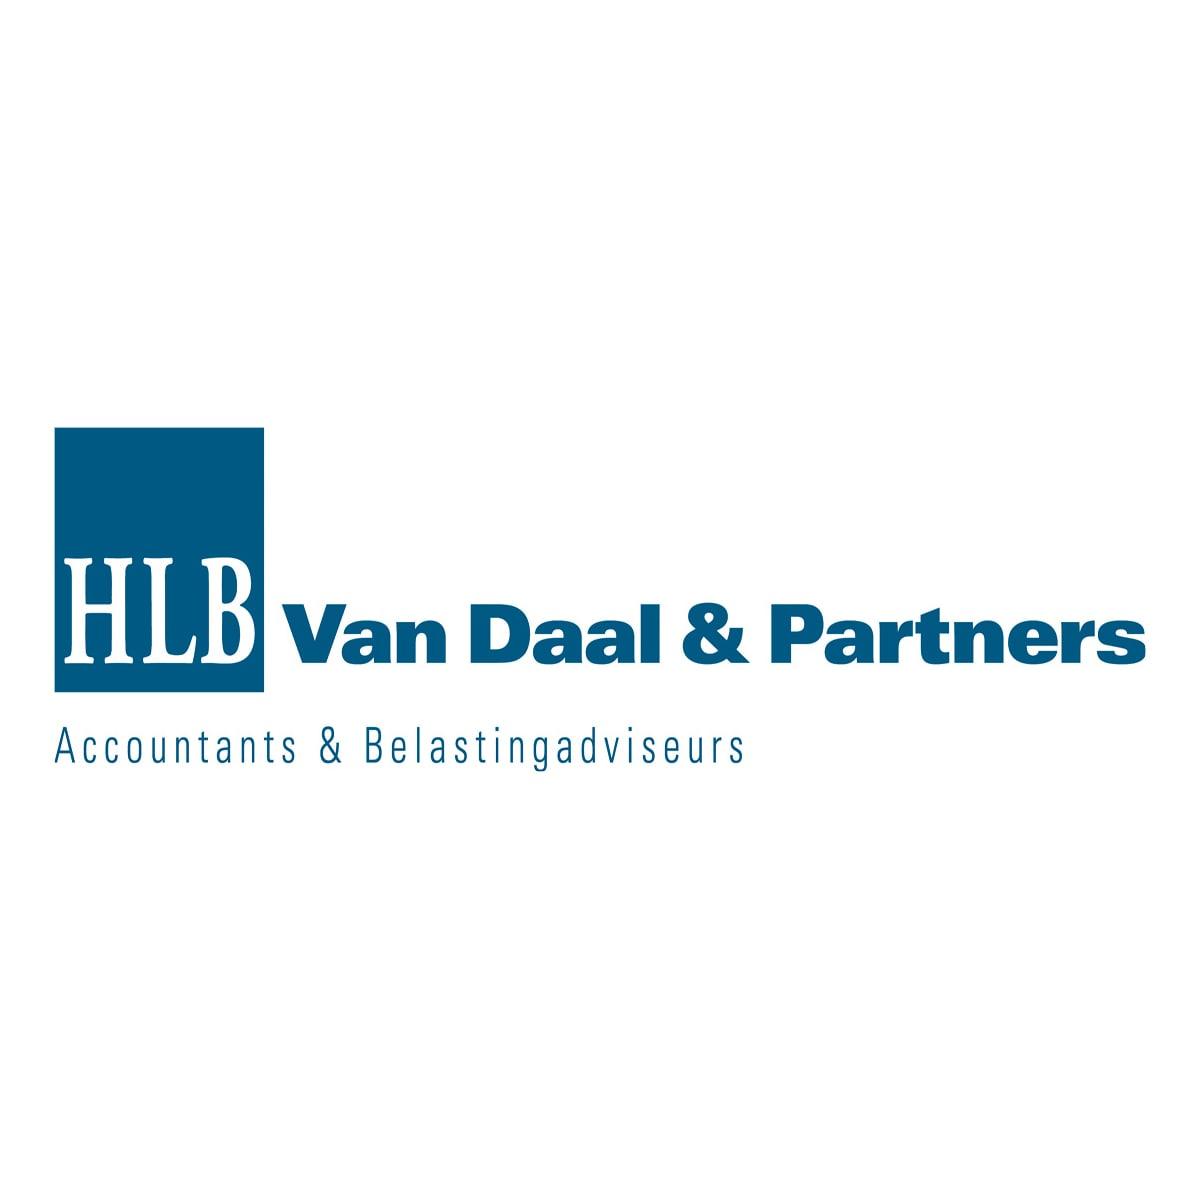 HLB-Van-Daal_8dec2015-1kopie